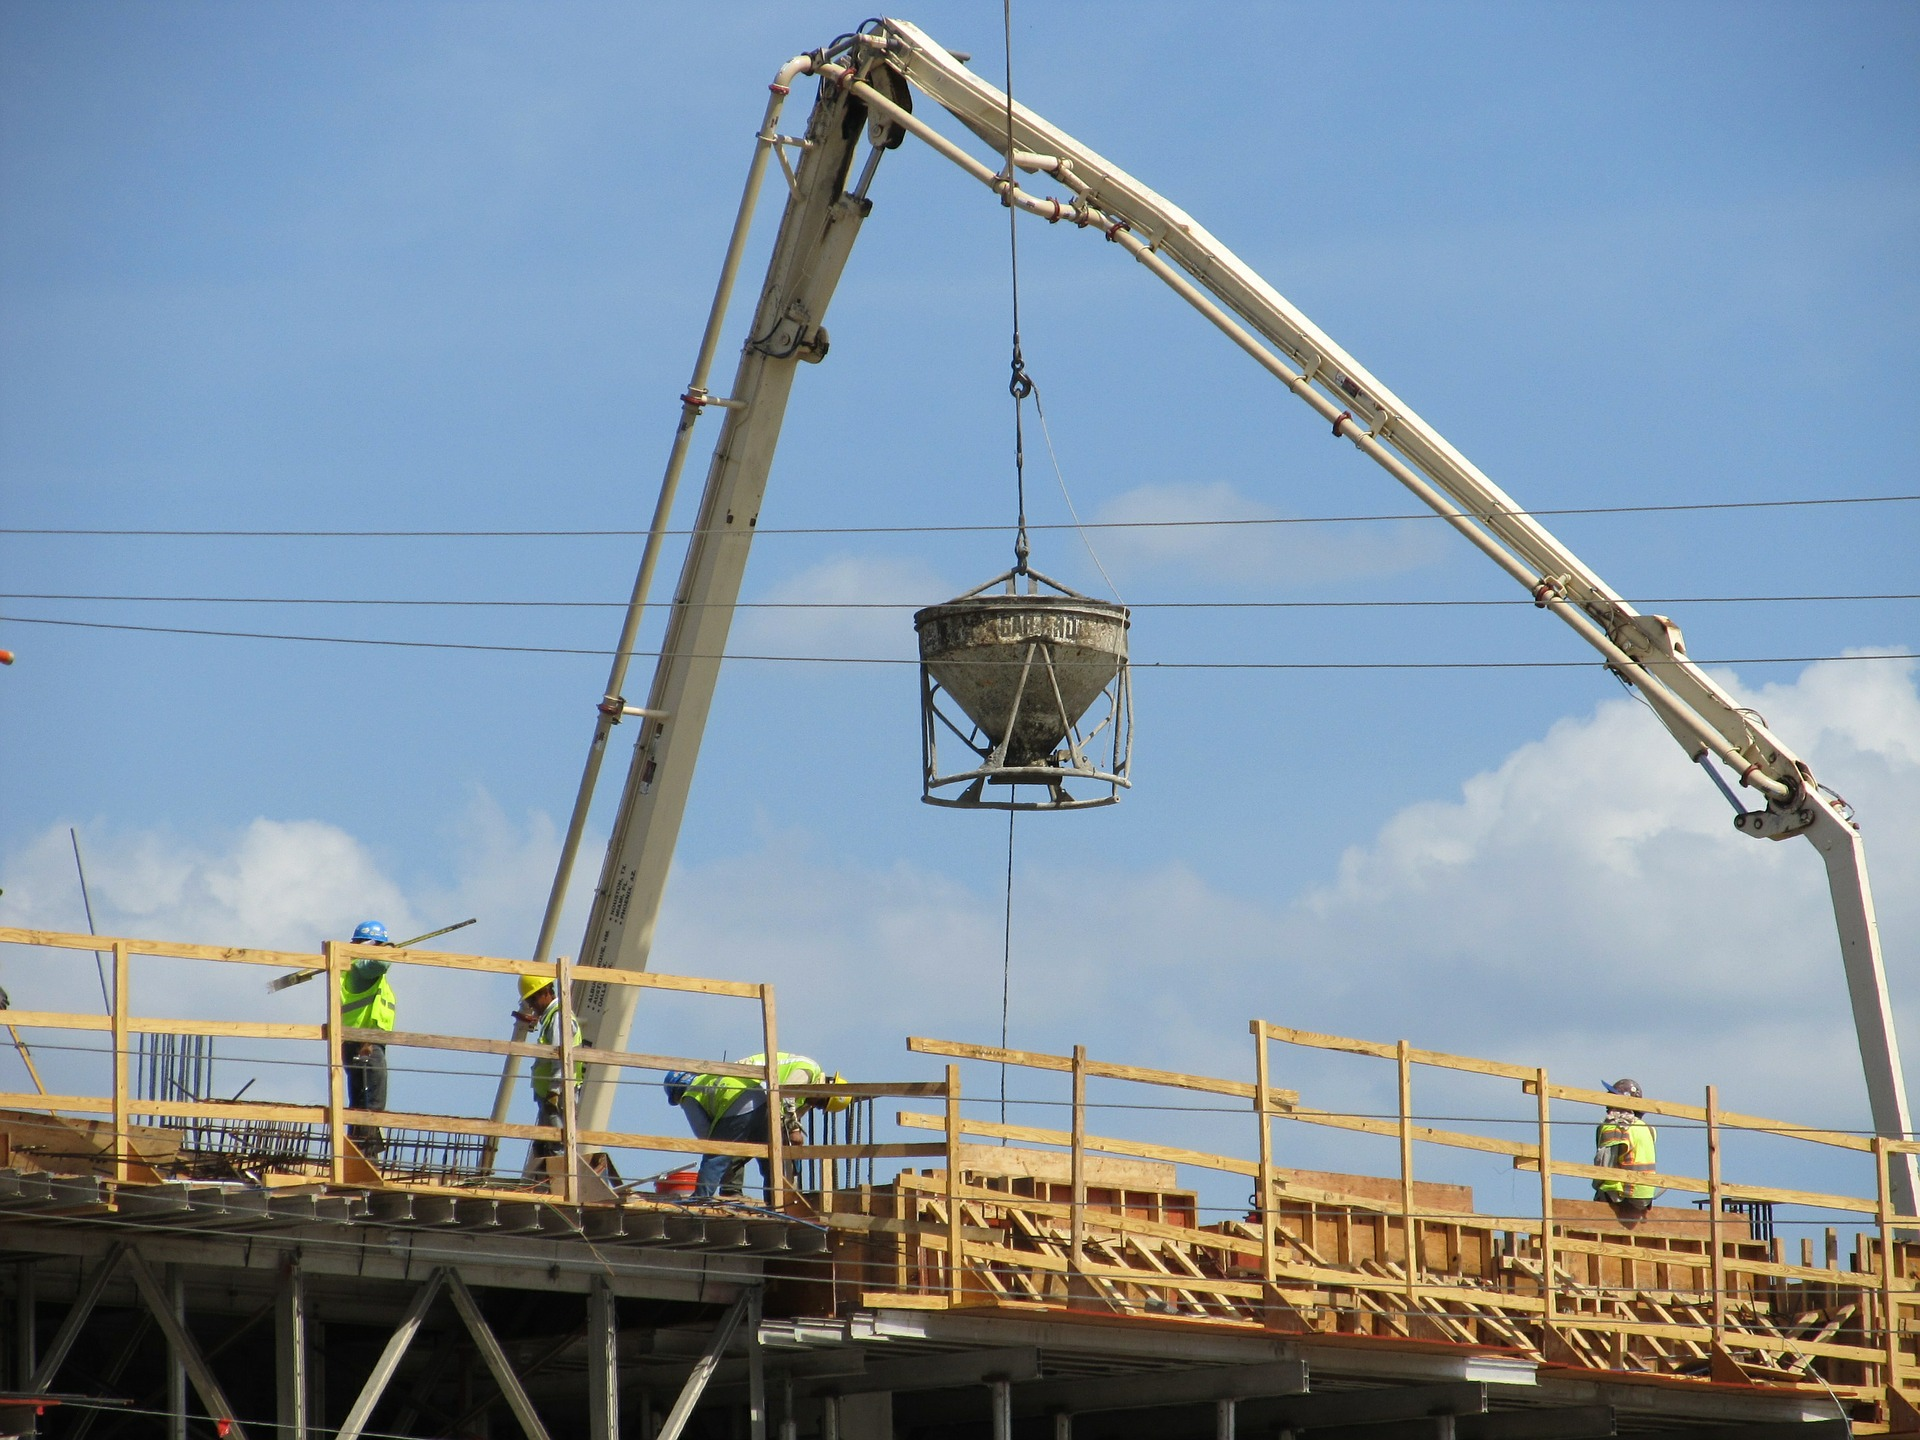 Gli operai in cantiere sono dipendenti e qualificati o l'impresa utilizza squadre a cottimo e sub-appalti?